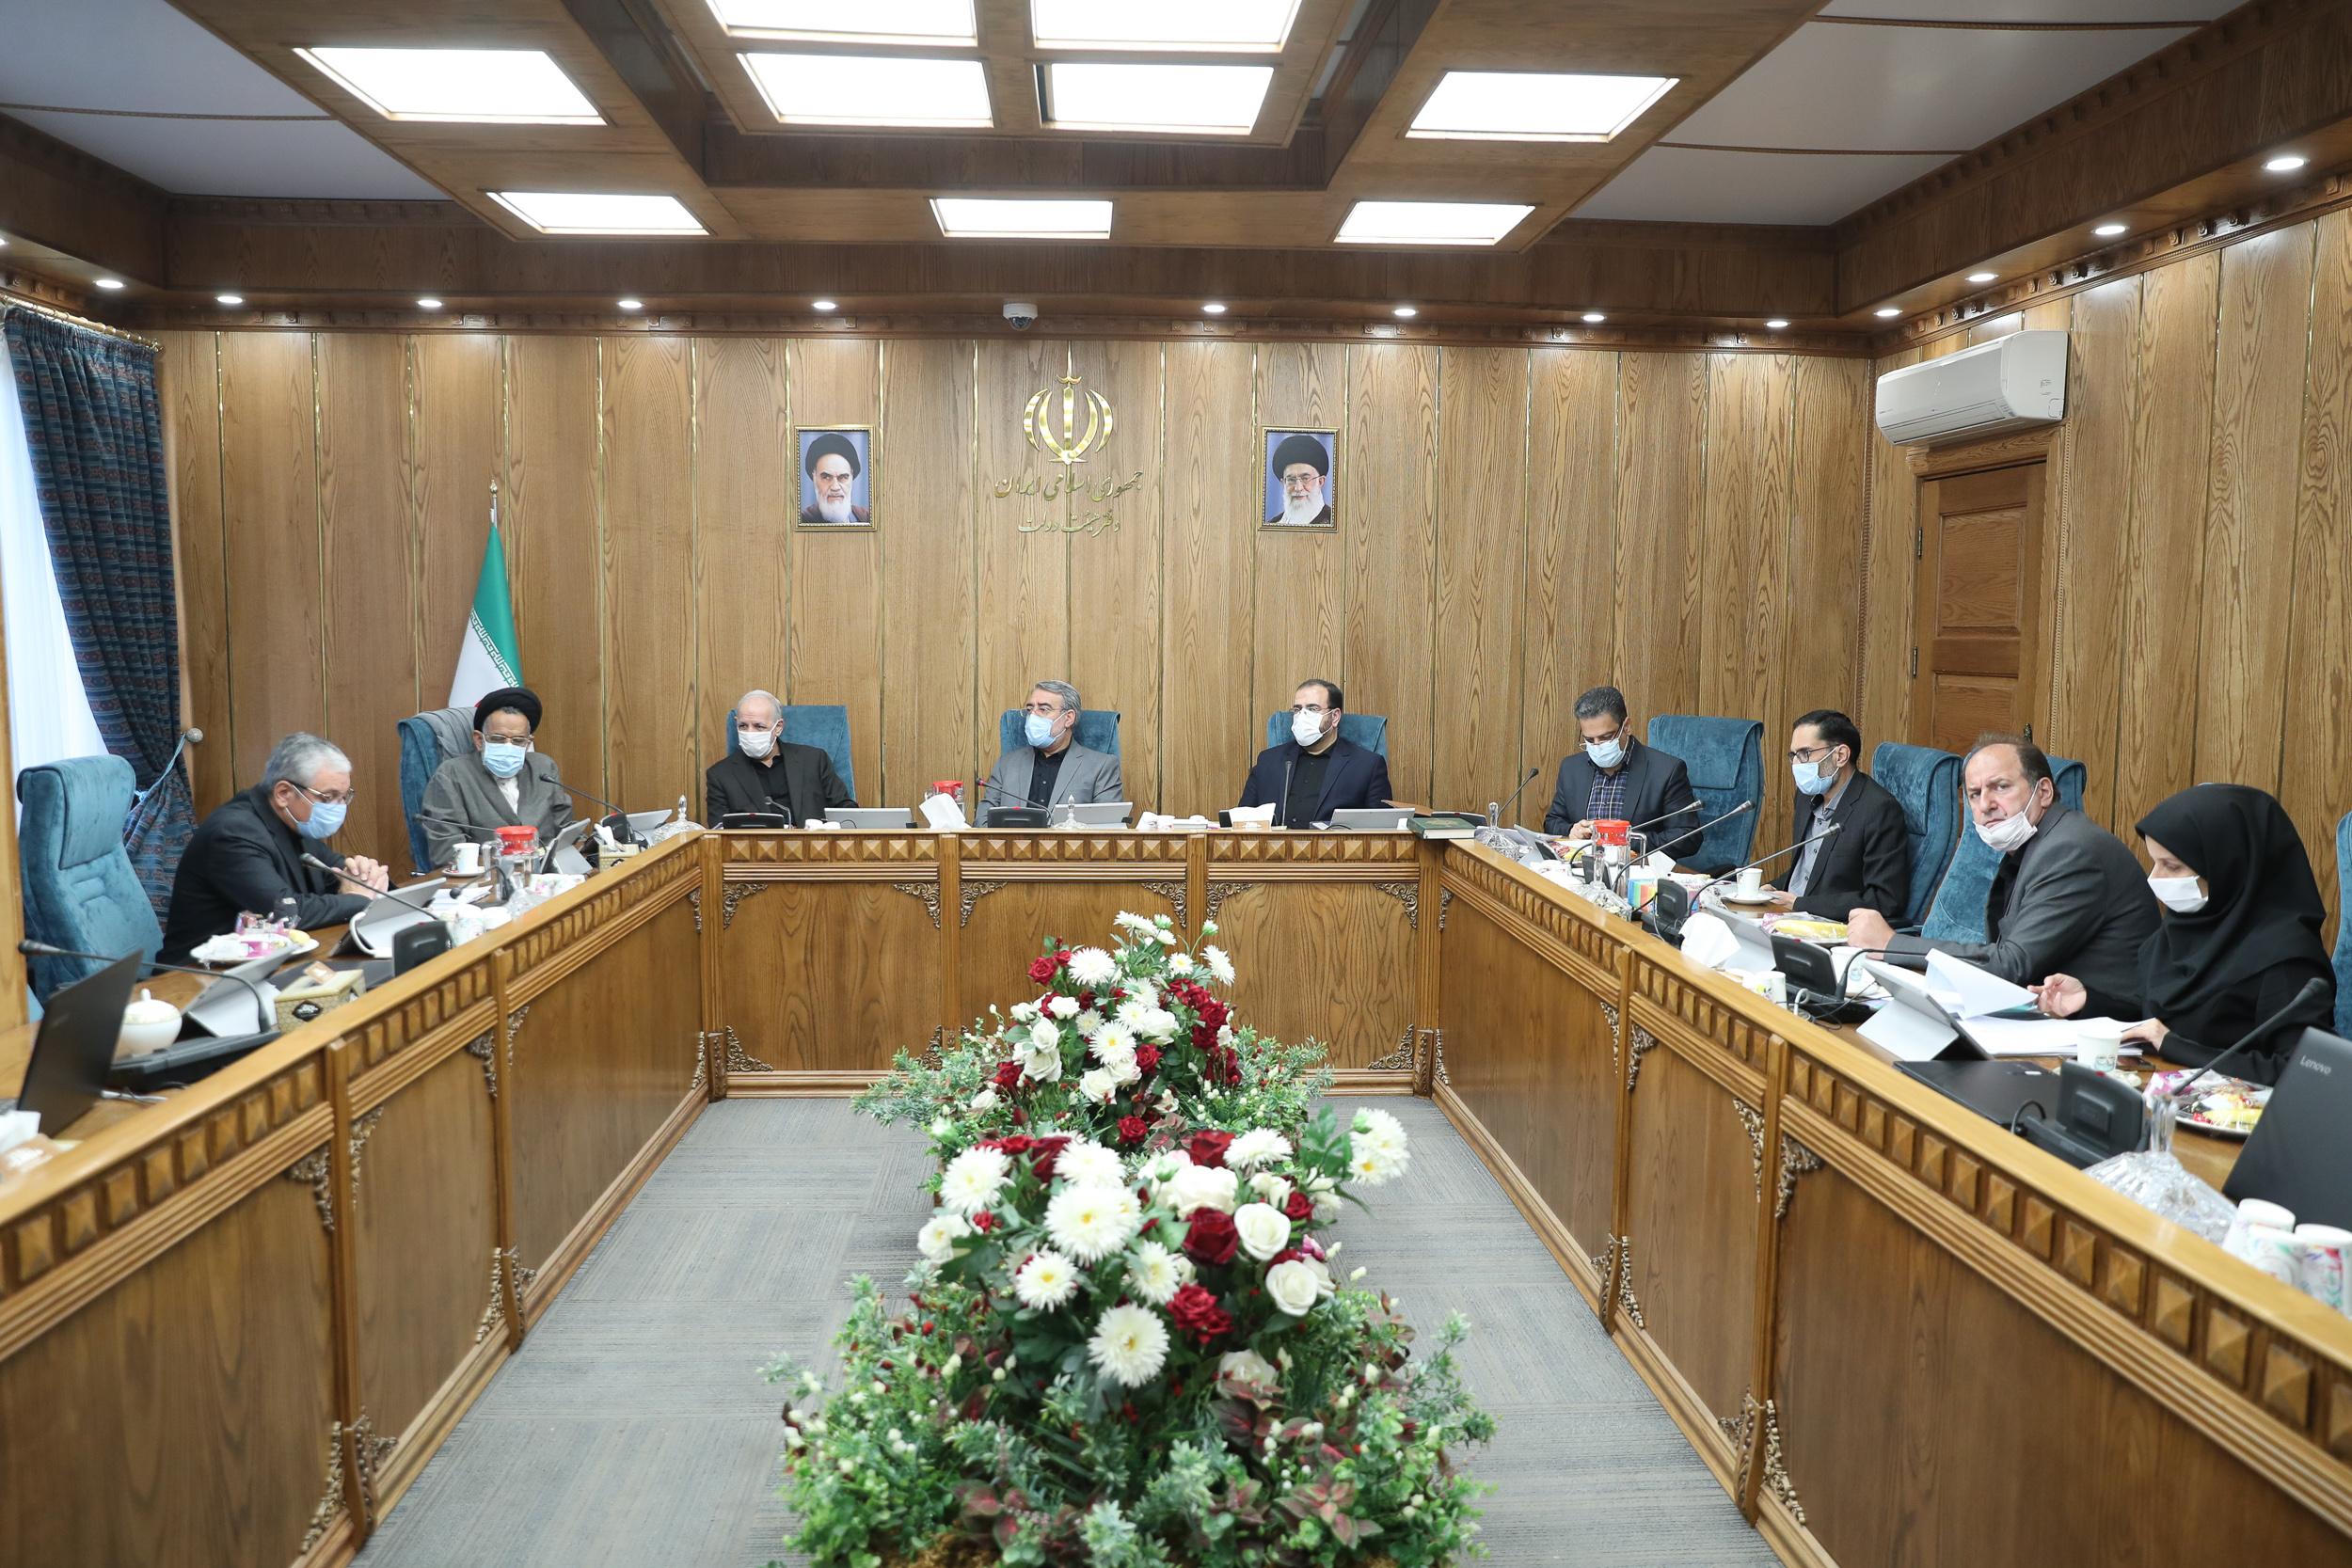 جلسه اصلی کمیسیون سیاسی و دفاعی مورخ 5 شهریور 1399